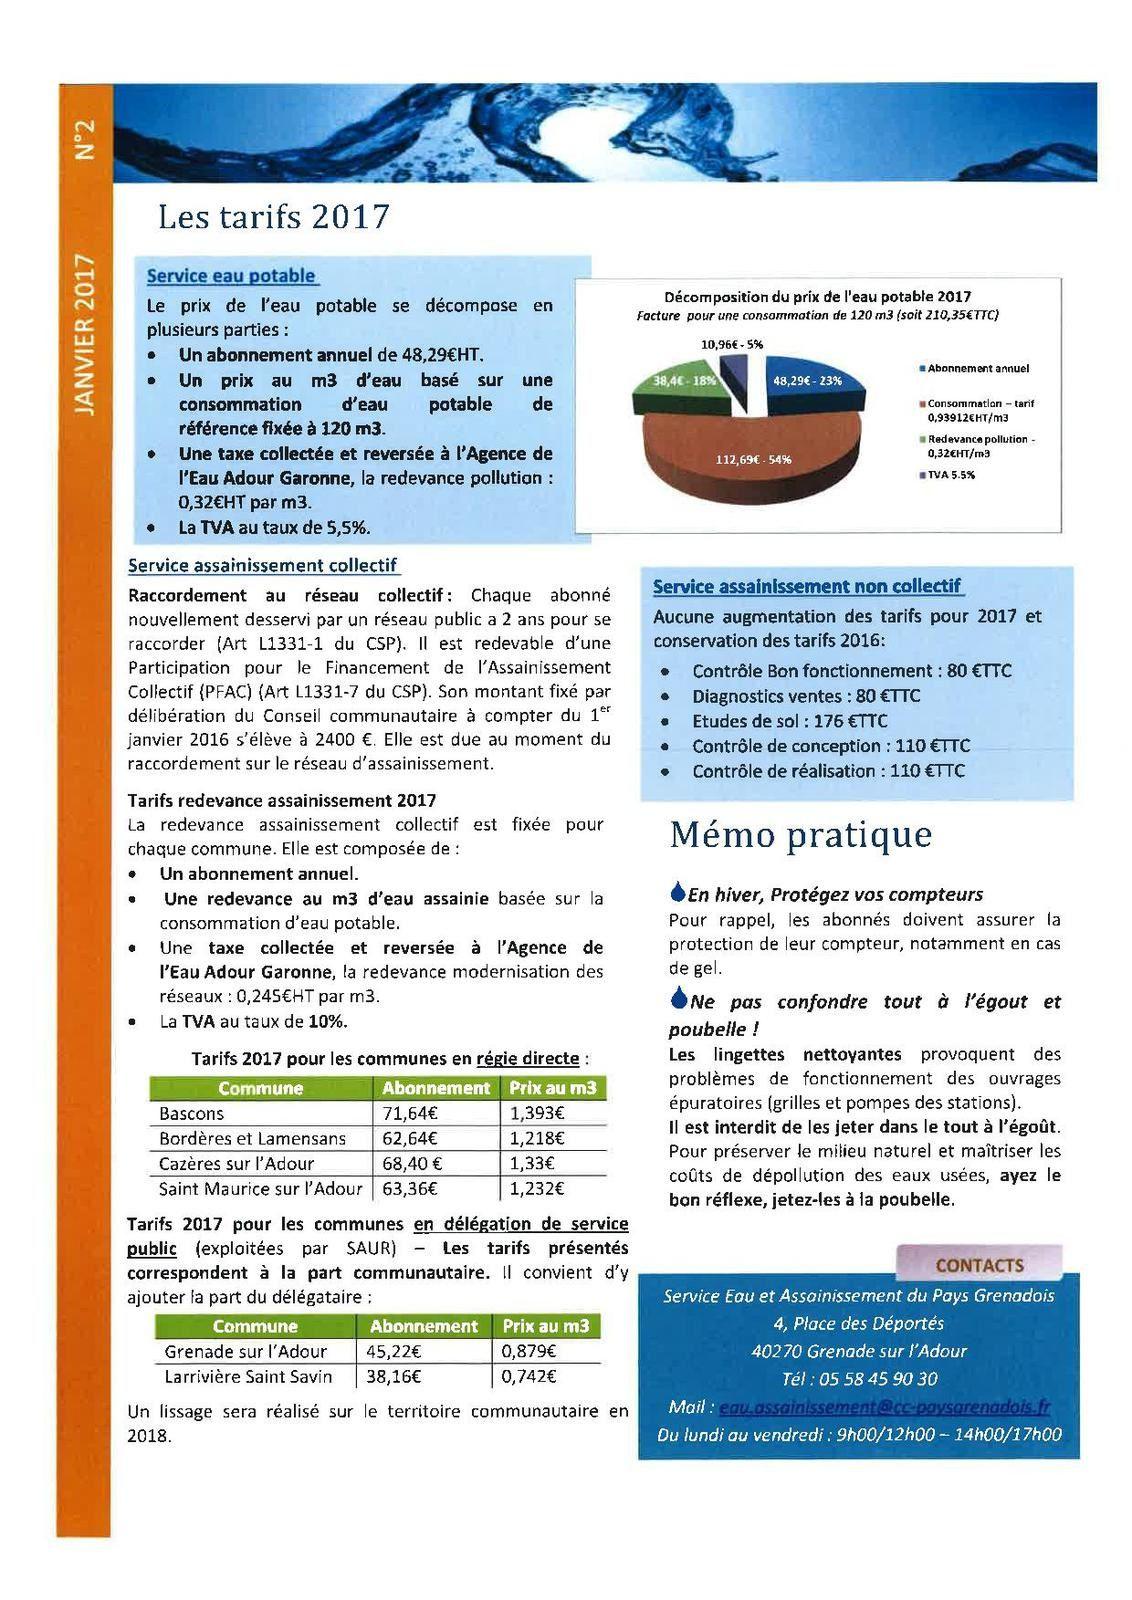 Bulletin d'information - Régie eau et assainissement du Pays Grenadois